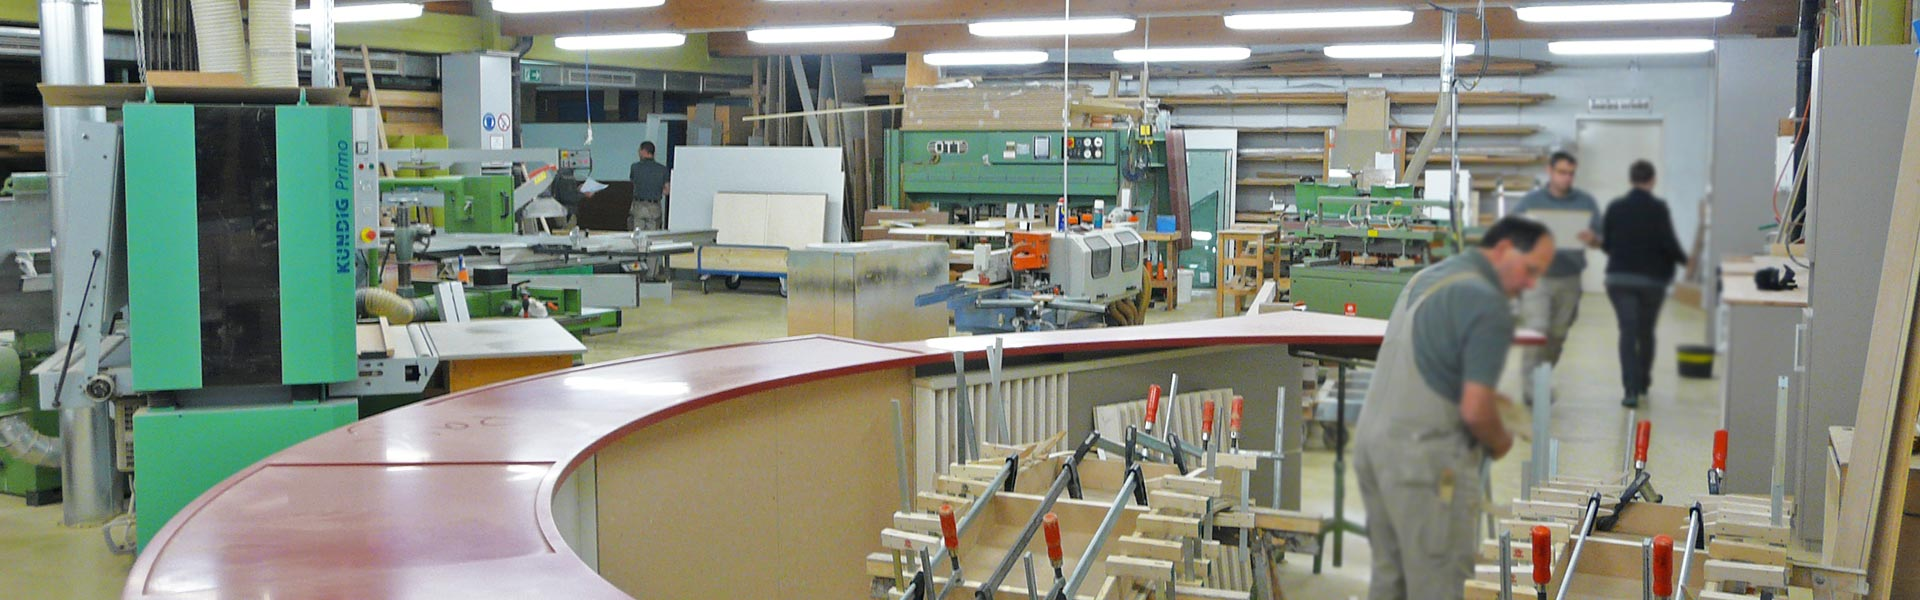 Werkstatt von arsinteria mit modernem Maschinenpark arsinteria - Raumideen von Föhrenbach